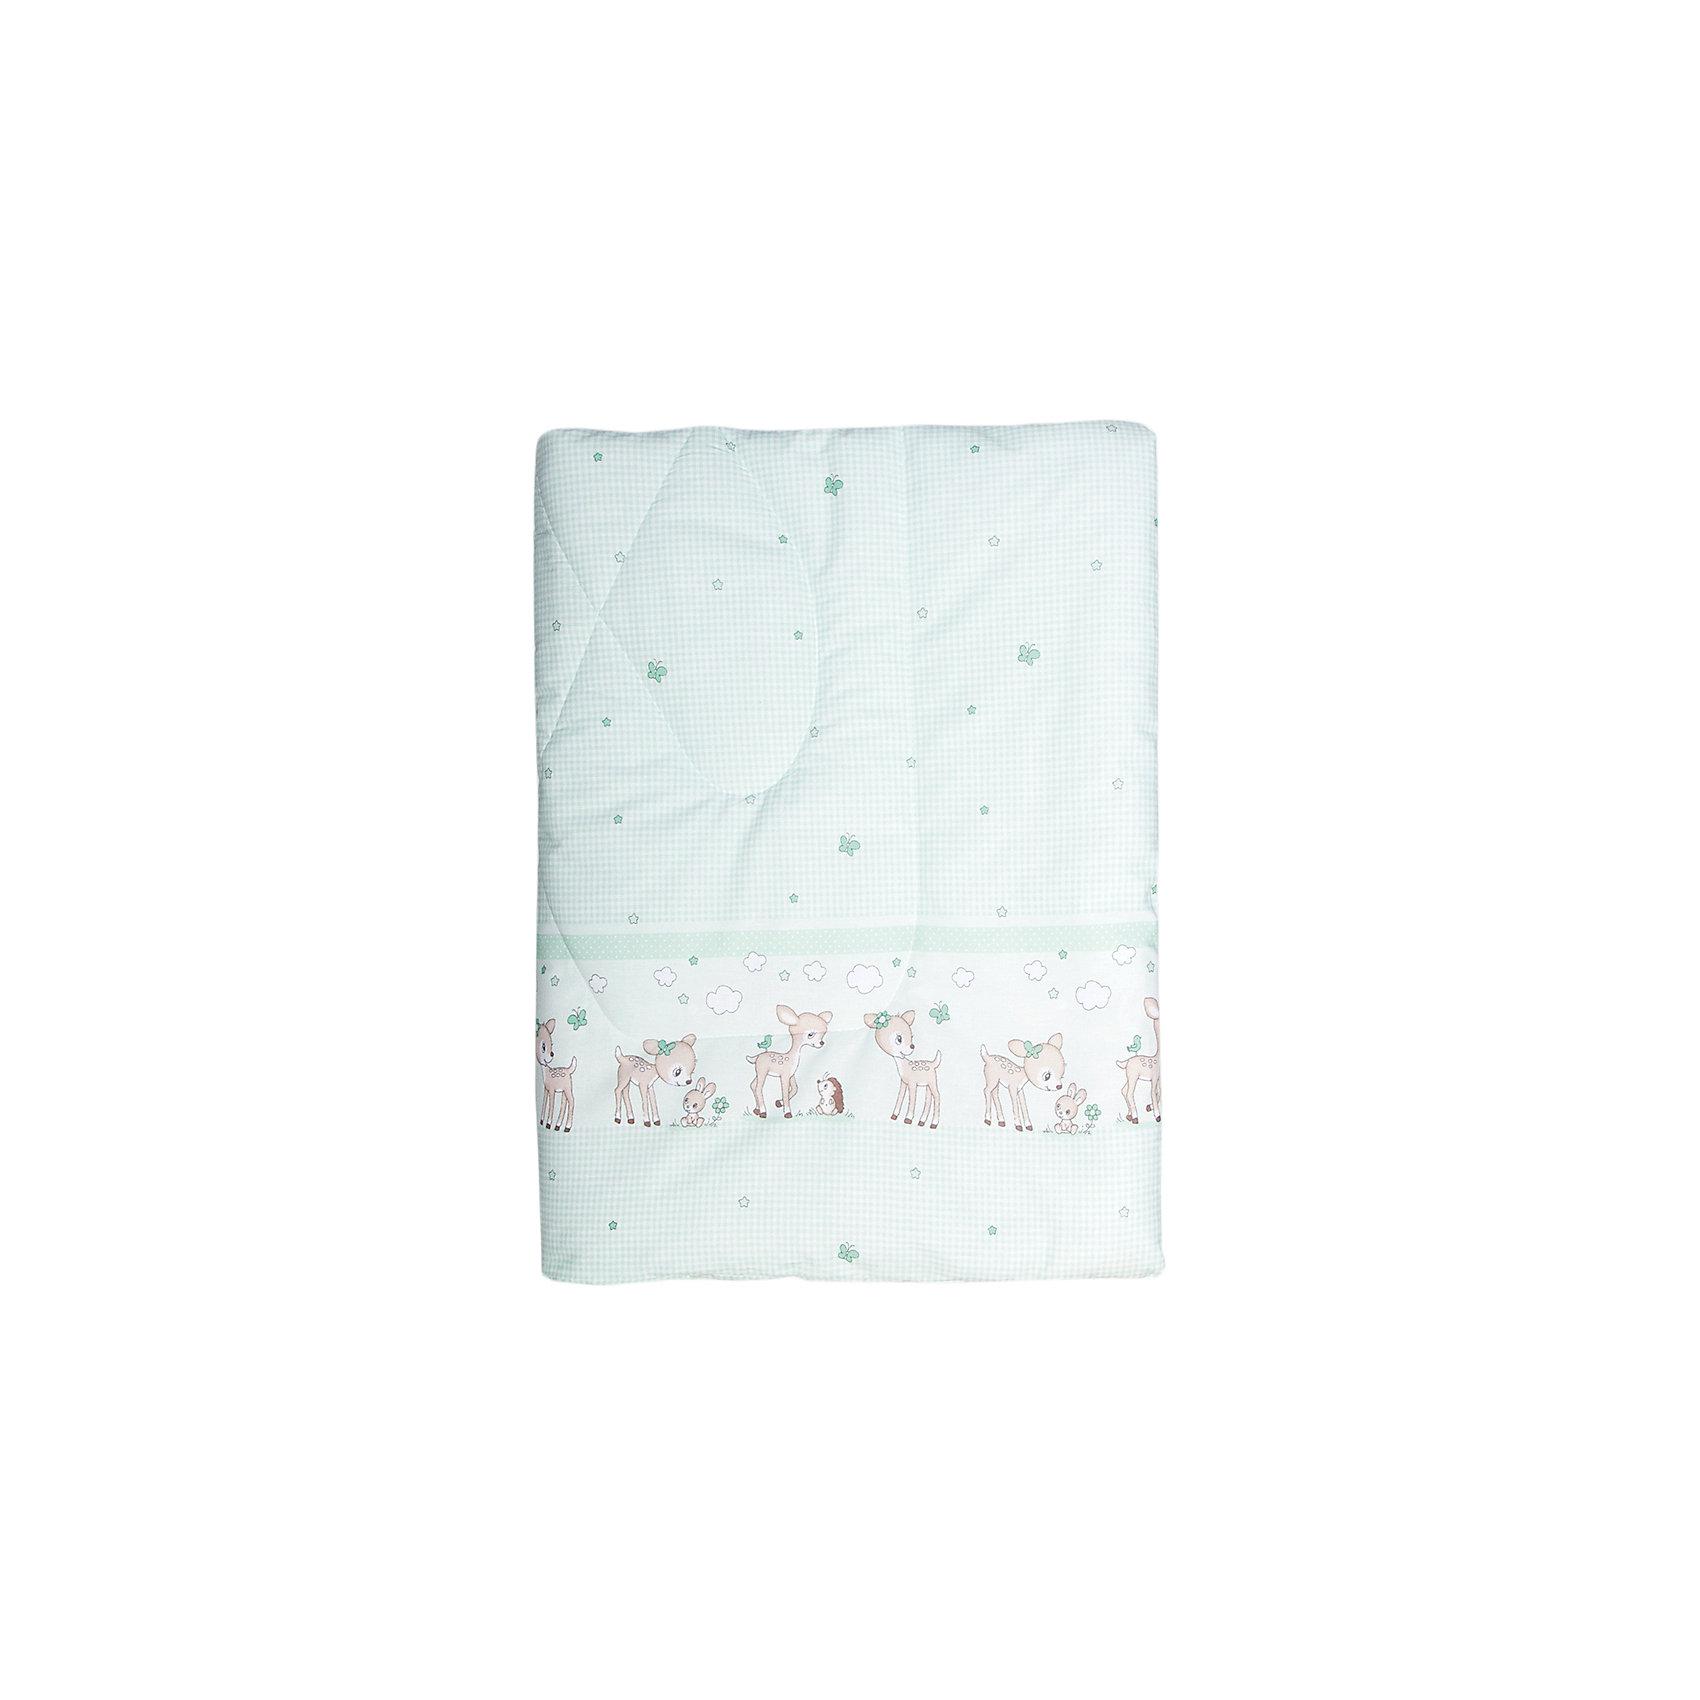 Одеяло холофайбер, 057/3, Сонный ГномикОдеяла, пледы<br>Комплектация: Одеяло<br>Размер, см: 140х110<br>Материал верха: Бязь (100% Хлопок)<br>Наполнитель: Холлофайбер (плотность 200г/кв.м).<br><br>Ширина мм: 65<br>Глубина мм: 15<br>Высота мм: 40<br>Вес г: 900<br>Возраст от месяцев: 0<br>Возраст до месяцев: 36<br>Пол: Унисекс<br>Возраст: Детский<br>SKU: 5454105